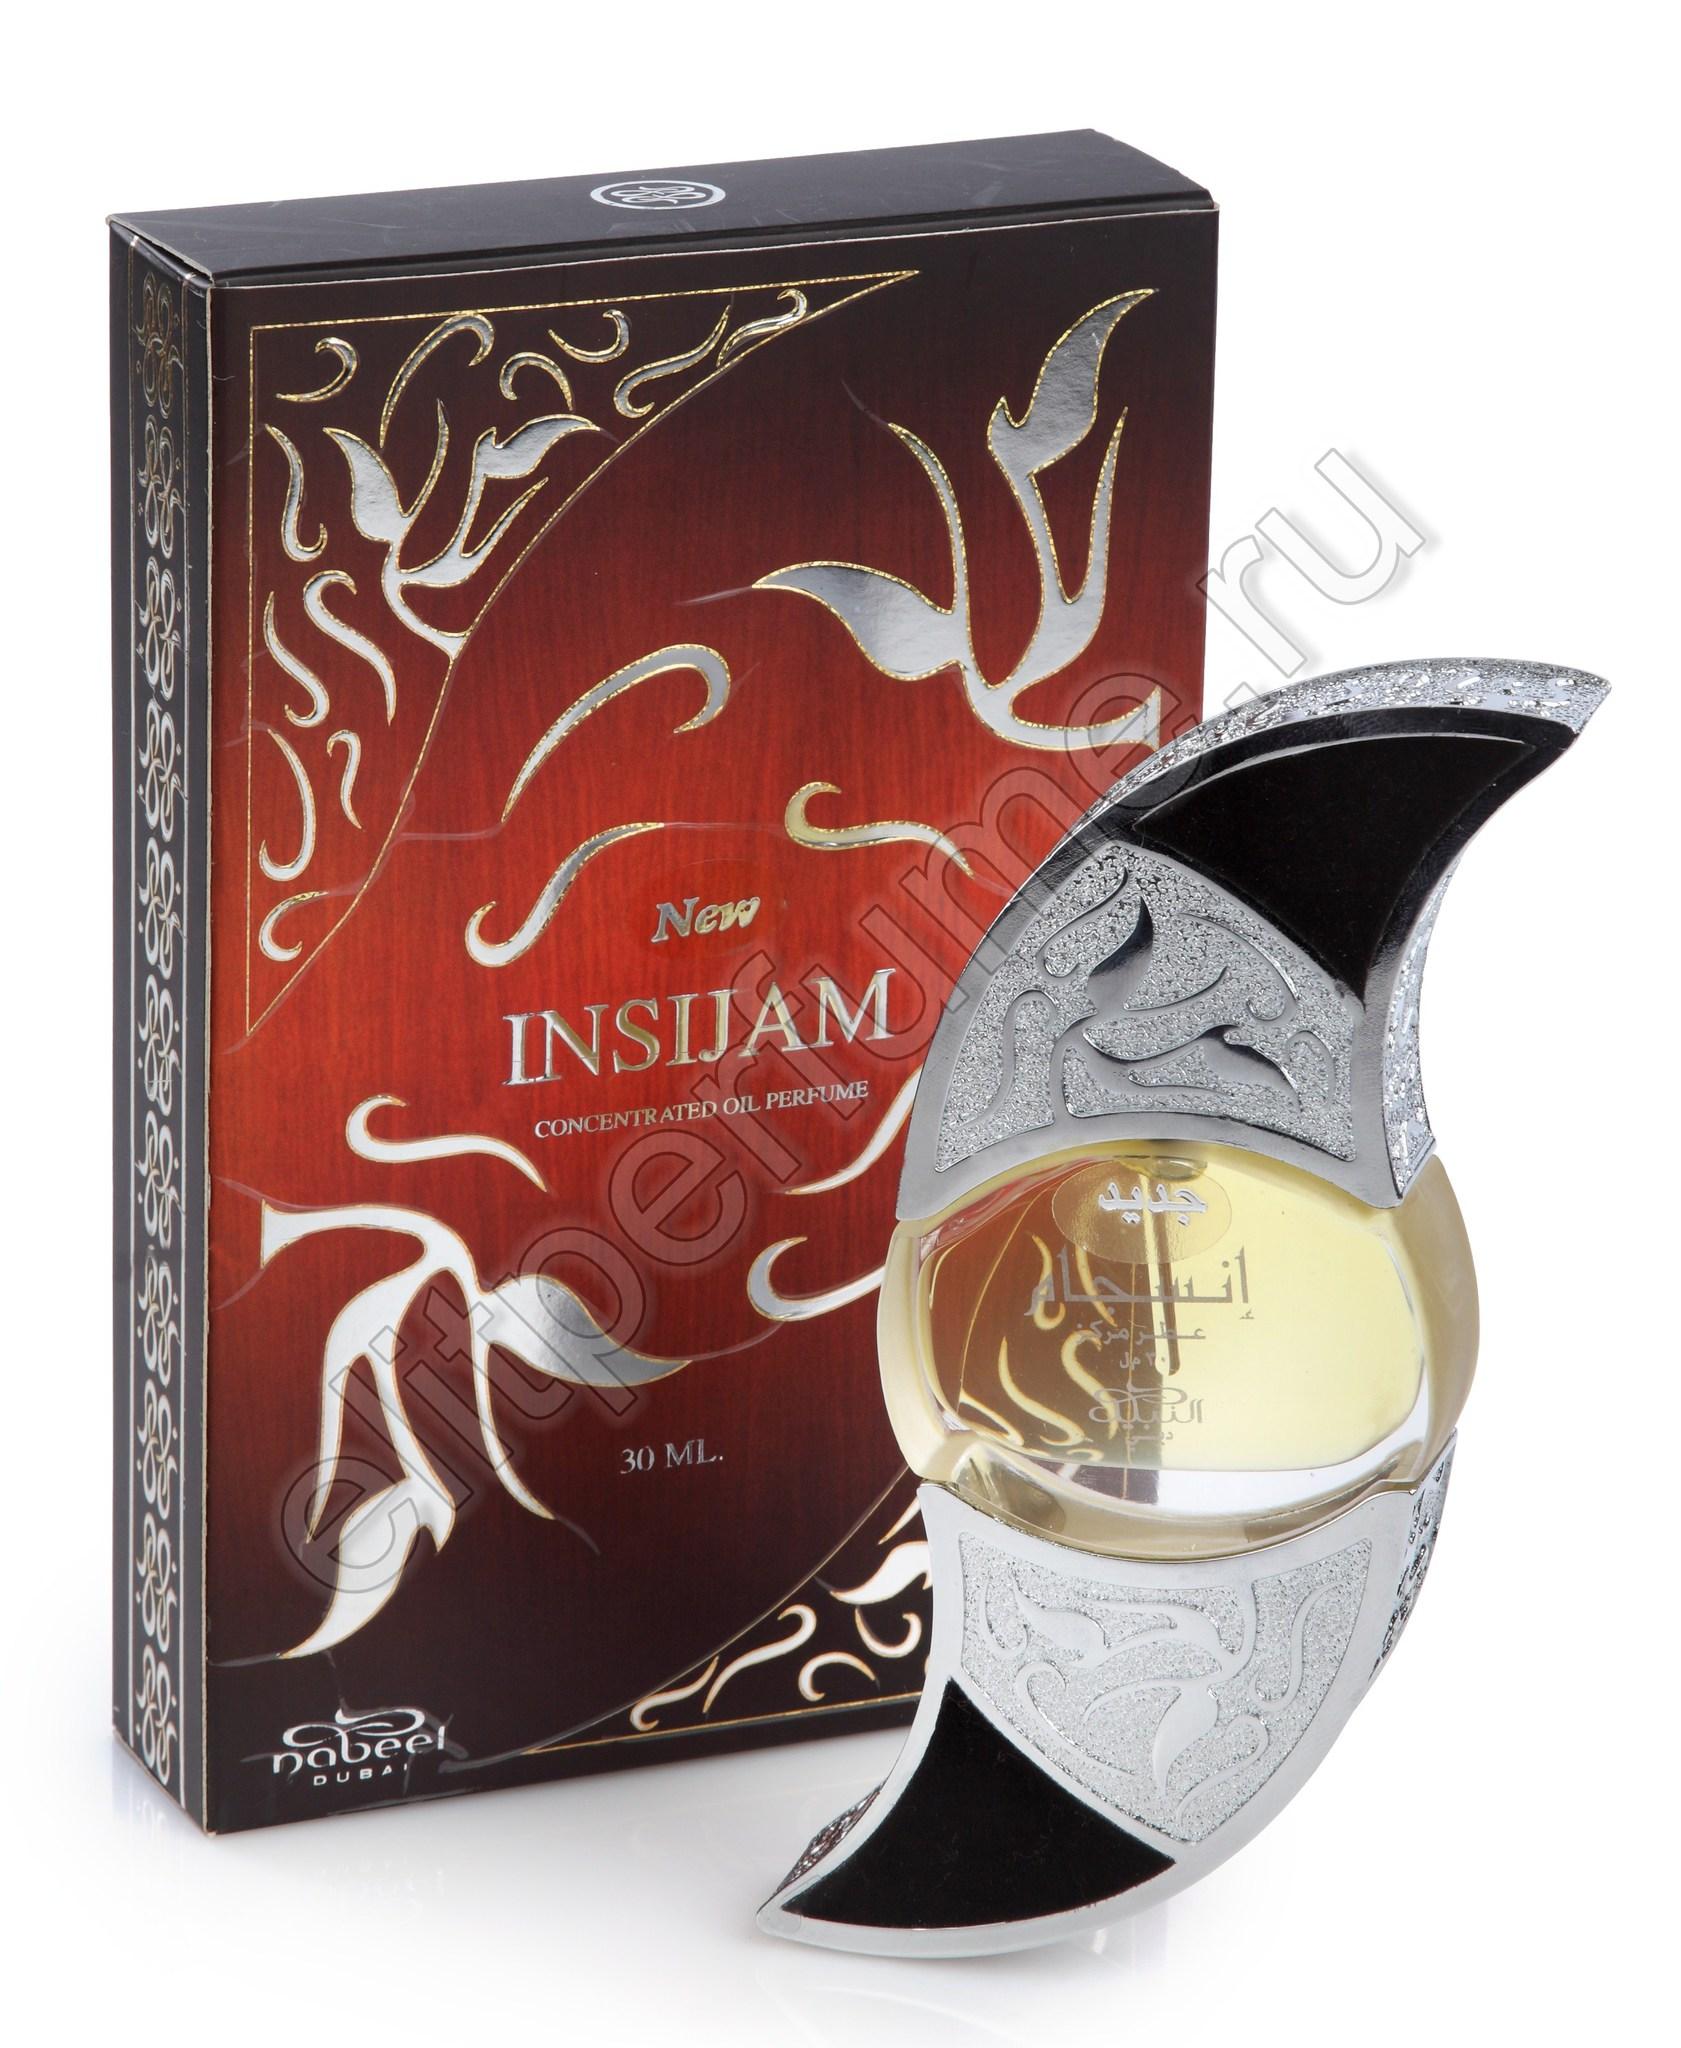 Арабские духи Инсиджам Insijam 30 мл арабские мужские масляные духи от Набиль Nabeel Perfumes